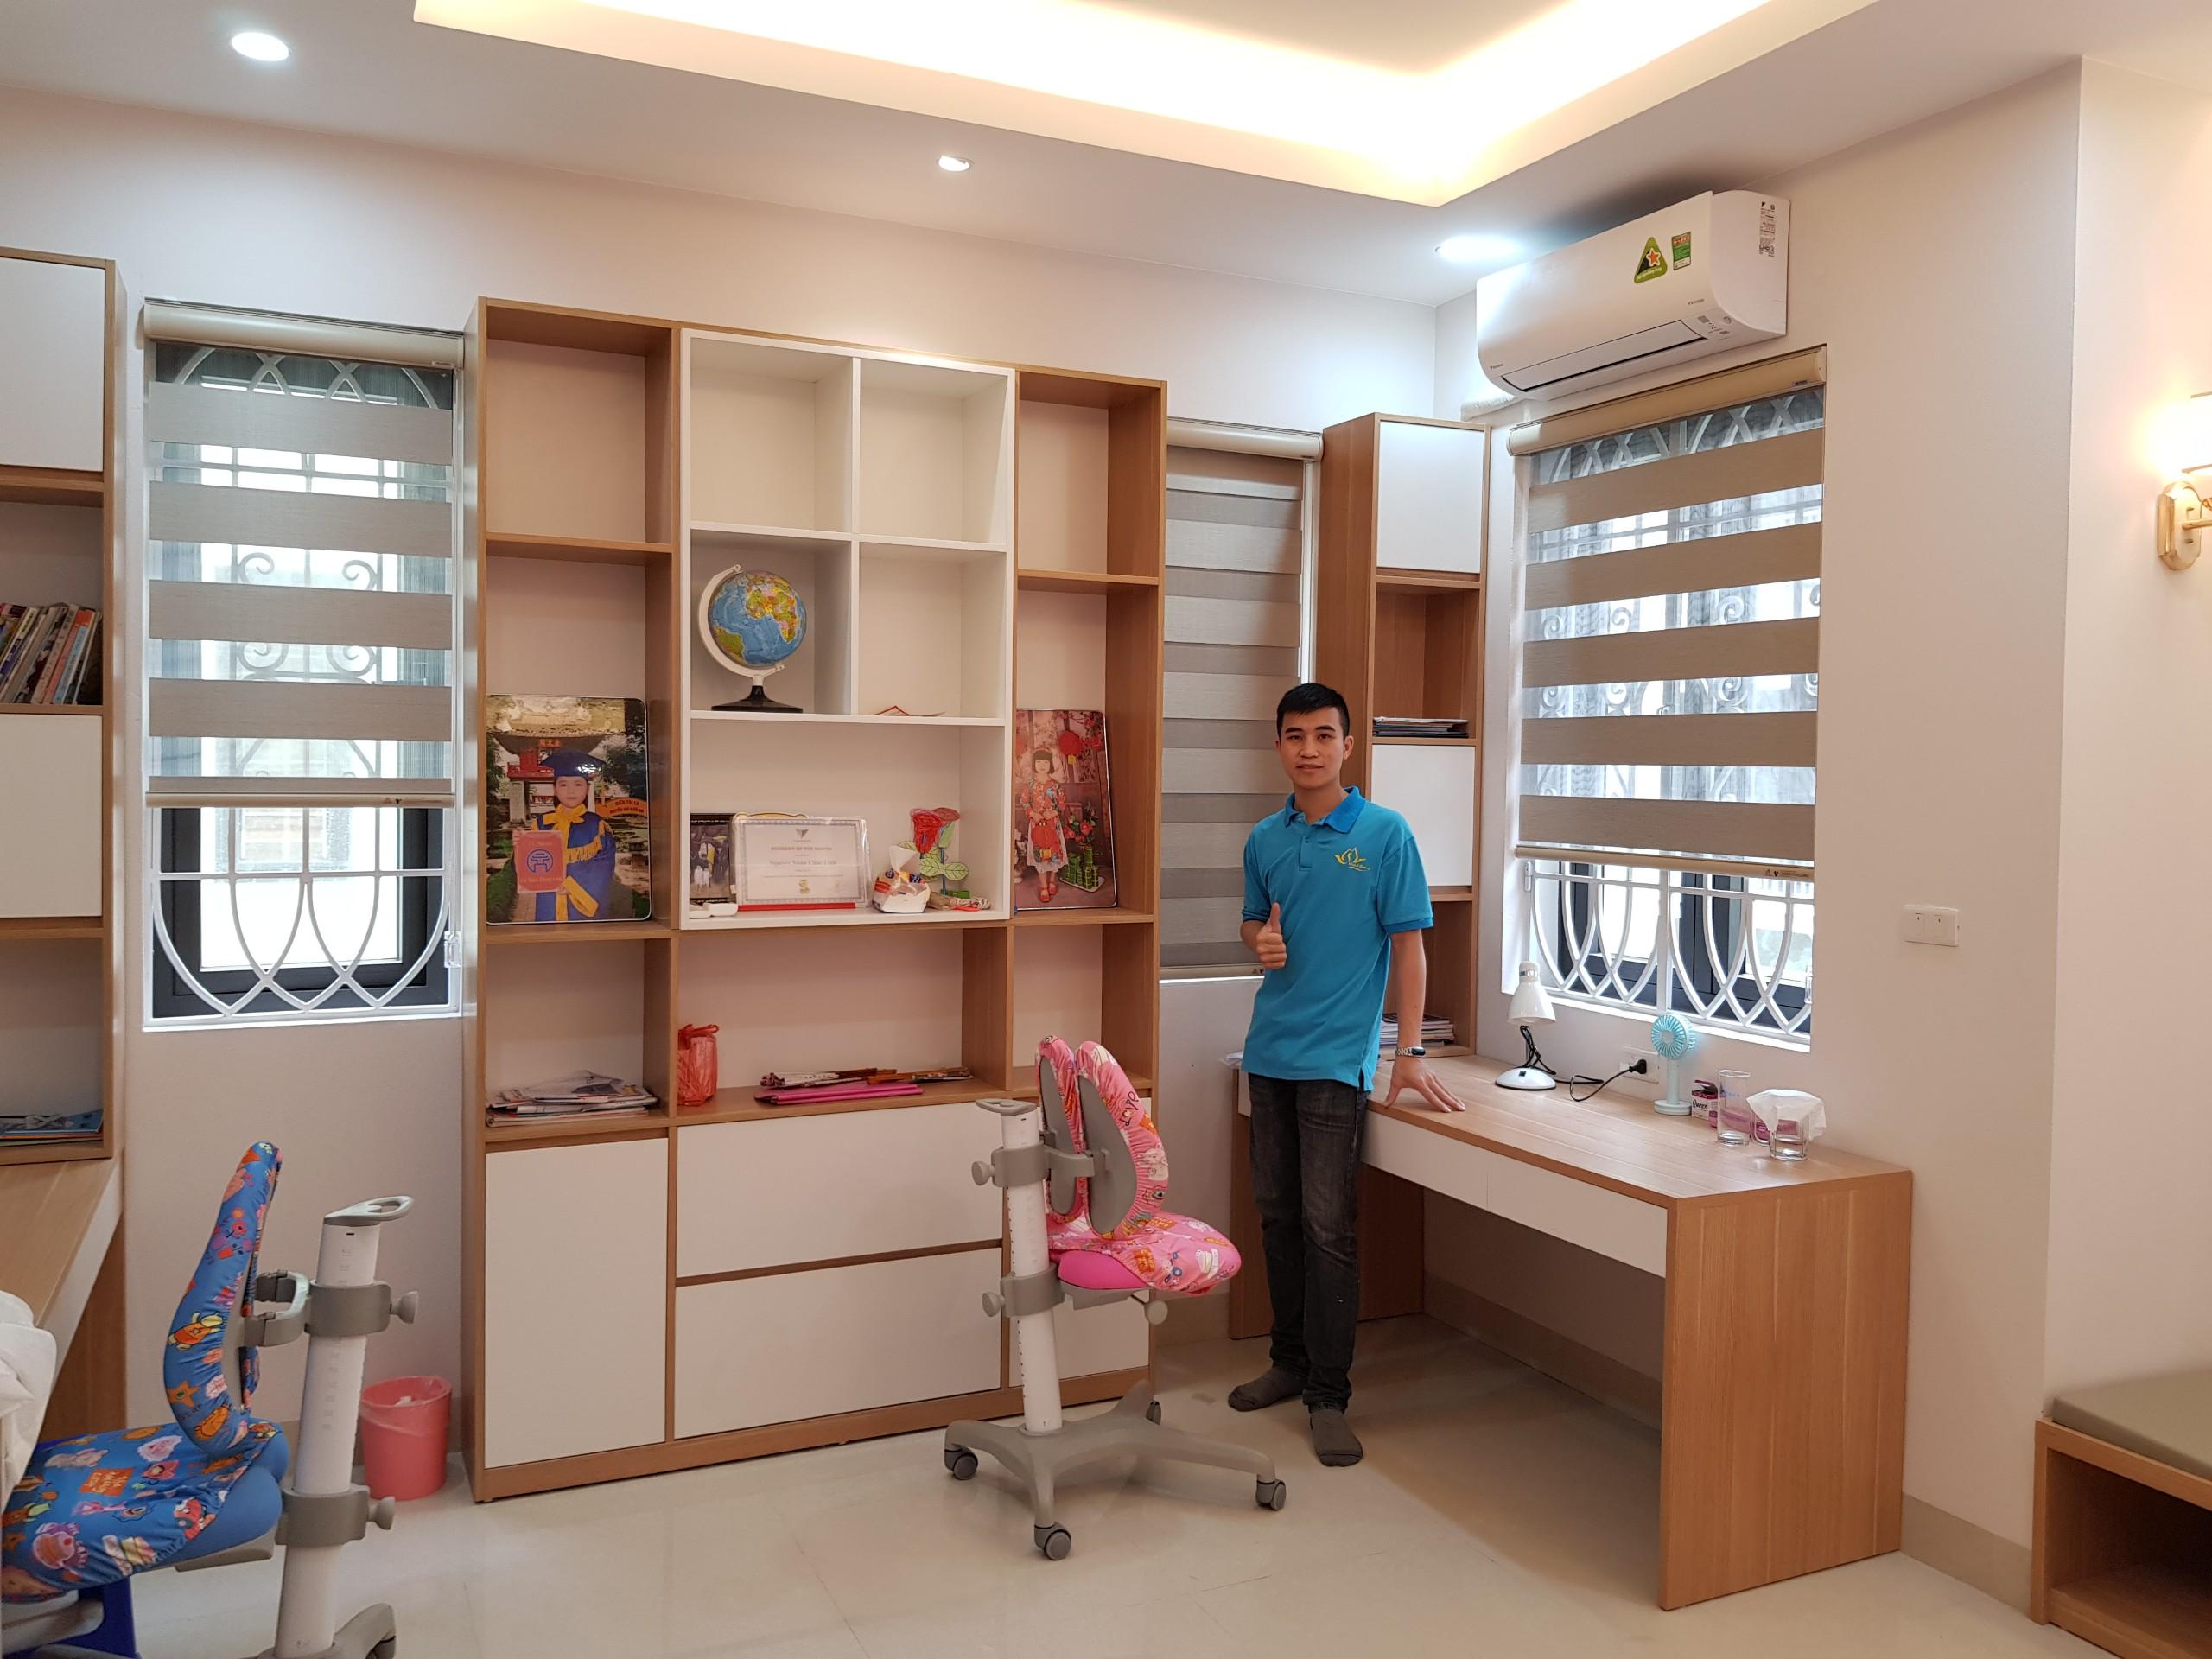 Lắp đặt rèm cầu vồng phòng ngủ đẹp nhất tại quận Đống Đa-Hà Nội VT471